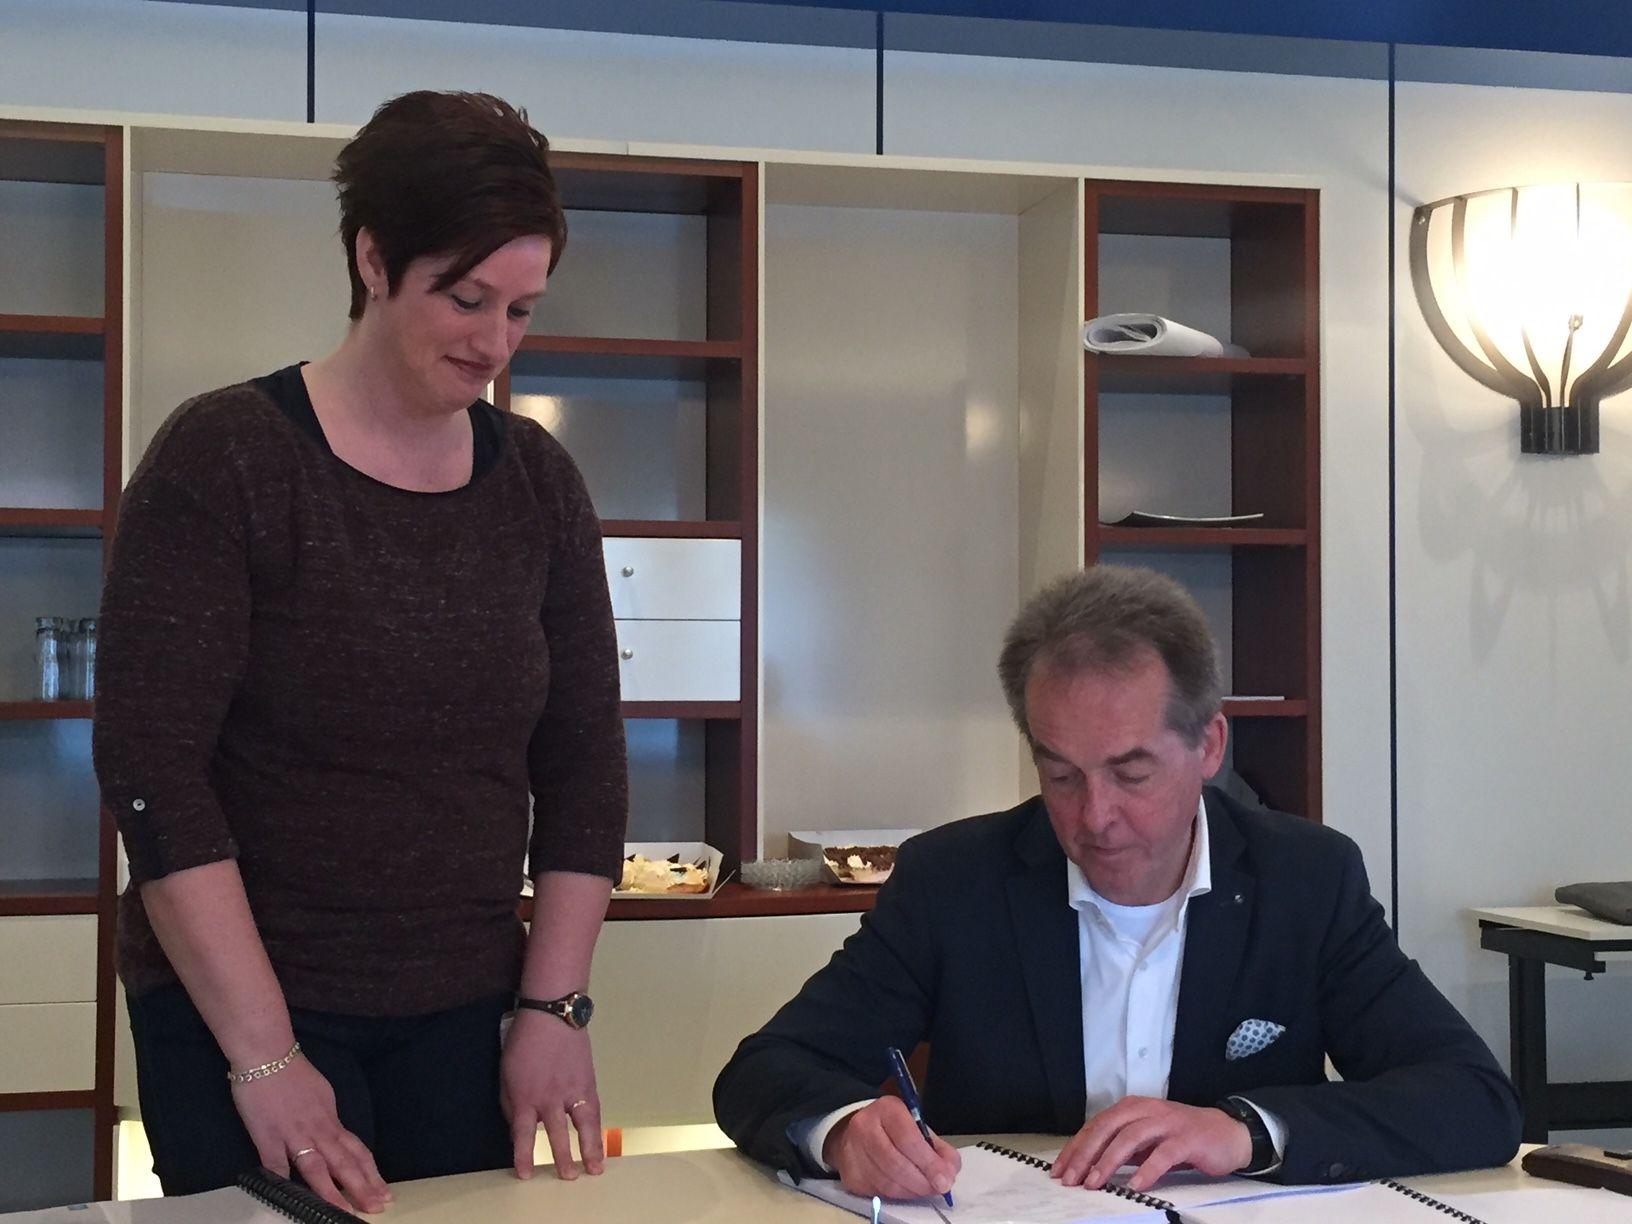 Samenwerking tussen Radboudumc en Modderkolk opnieuw bekrachtigd.